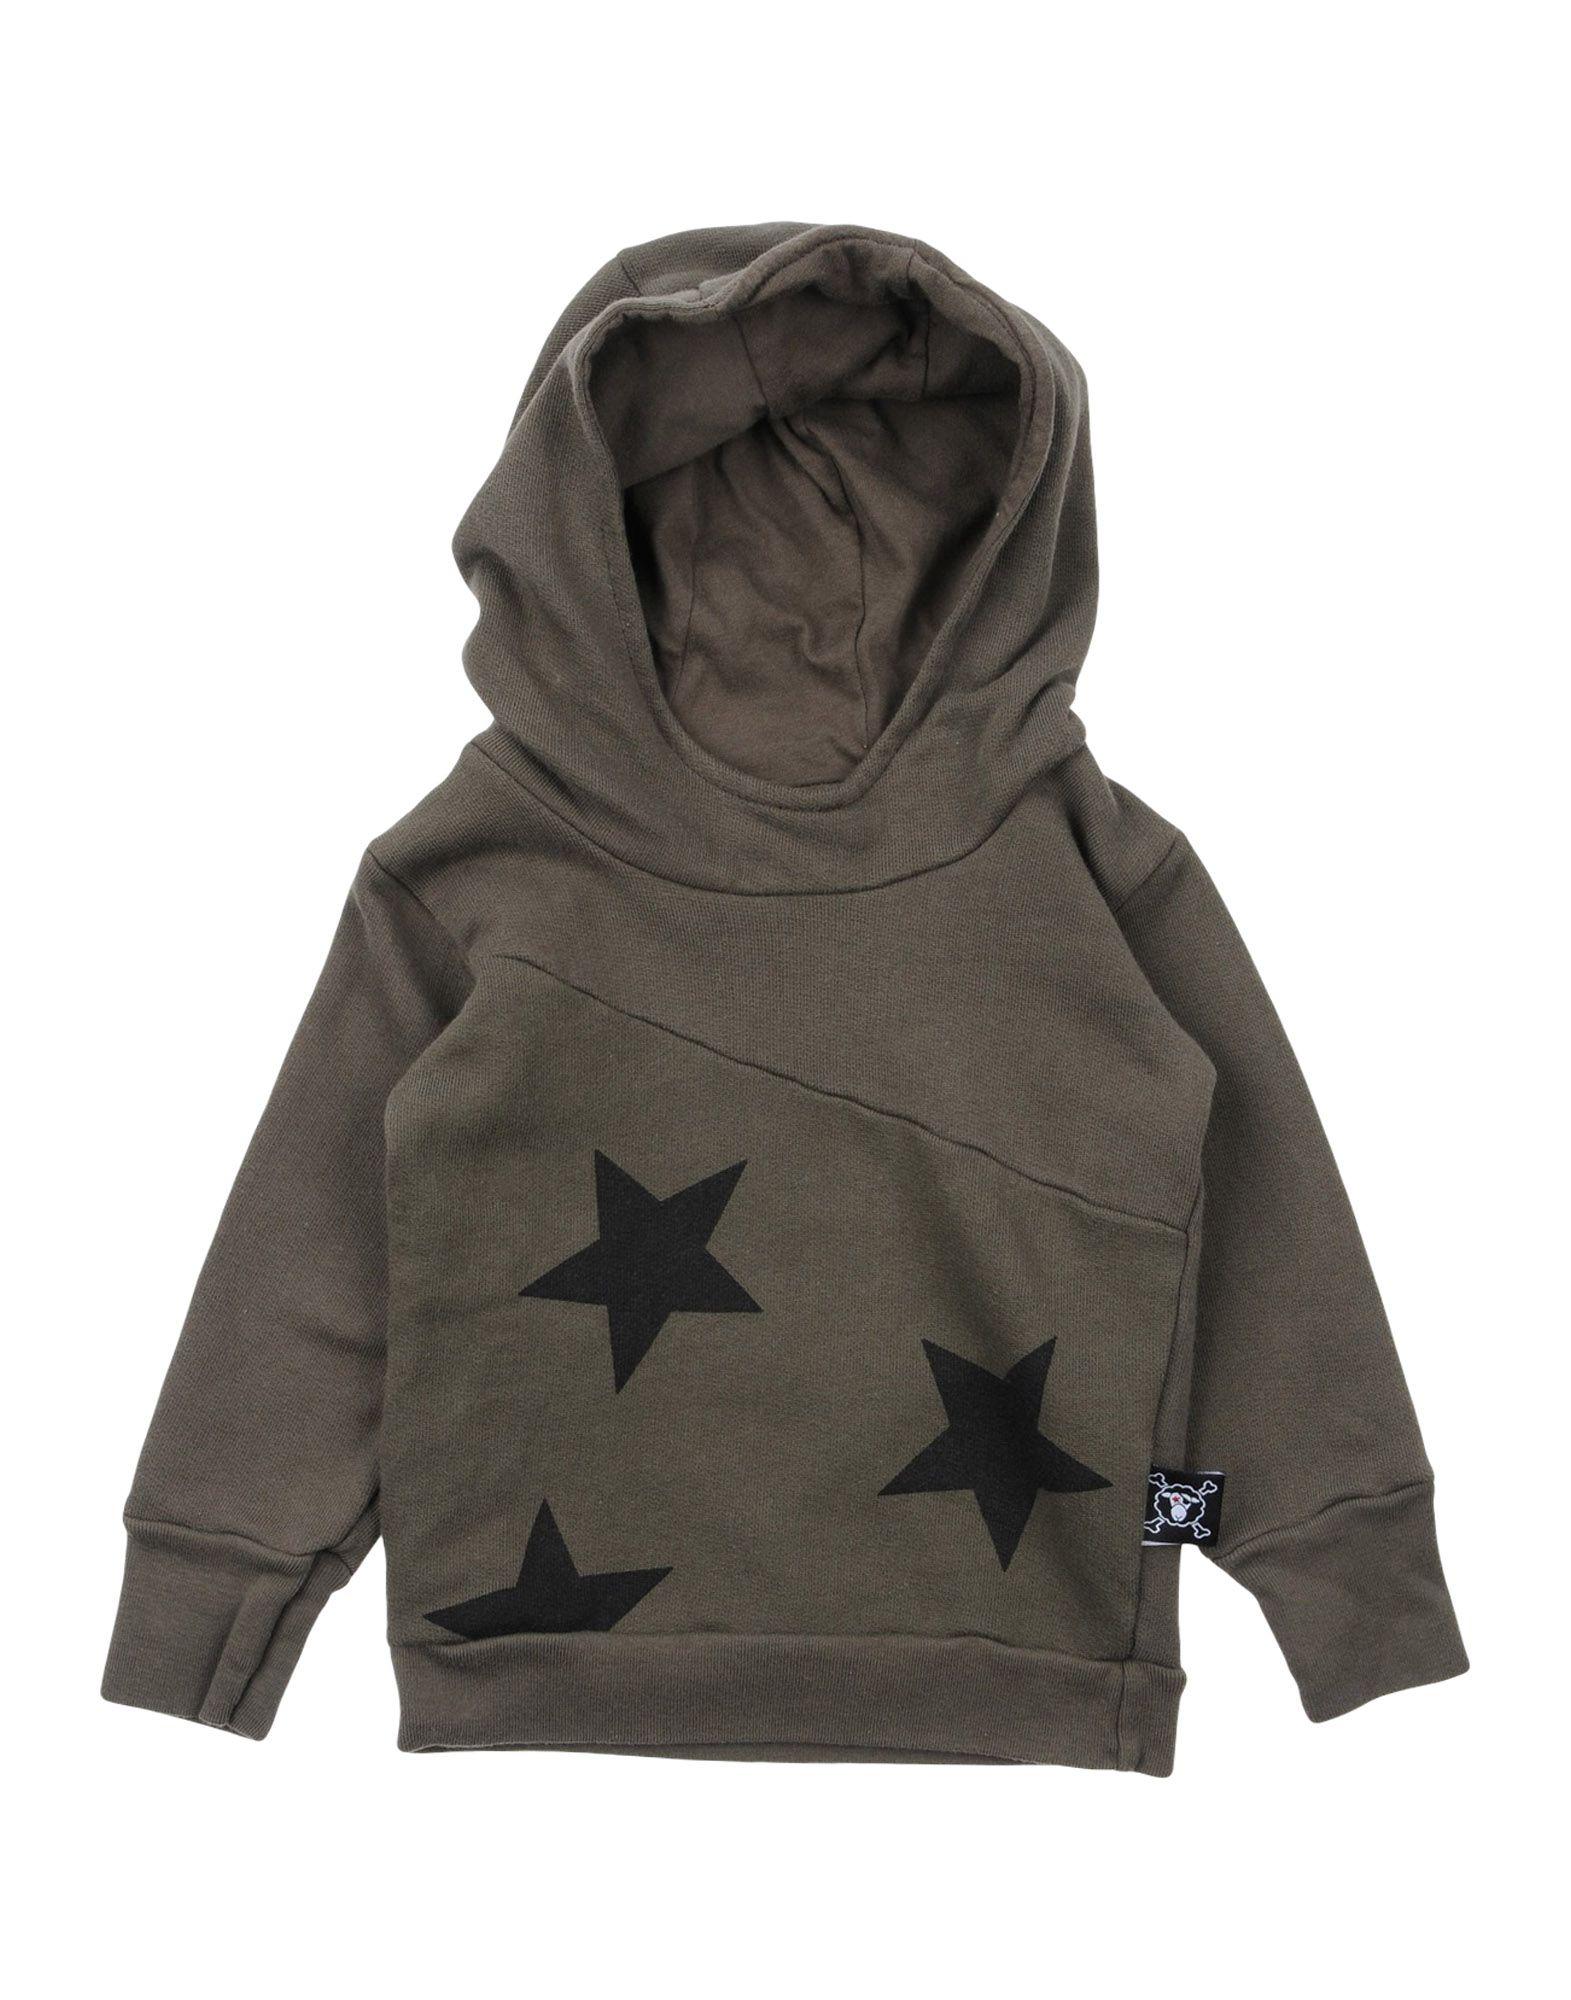 NUNUNU Mädchen 0-24 monate Sweatshirt Farbe Militärgrün Größe 6